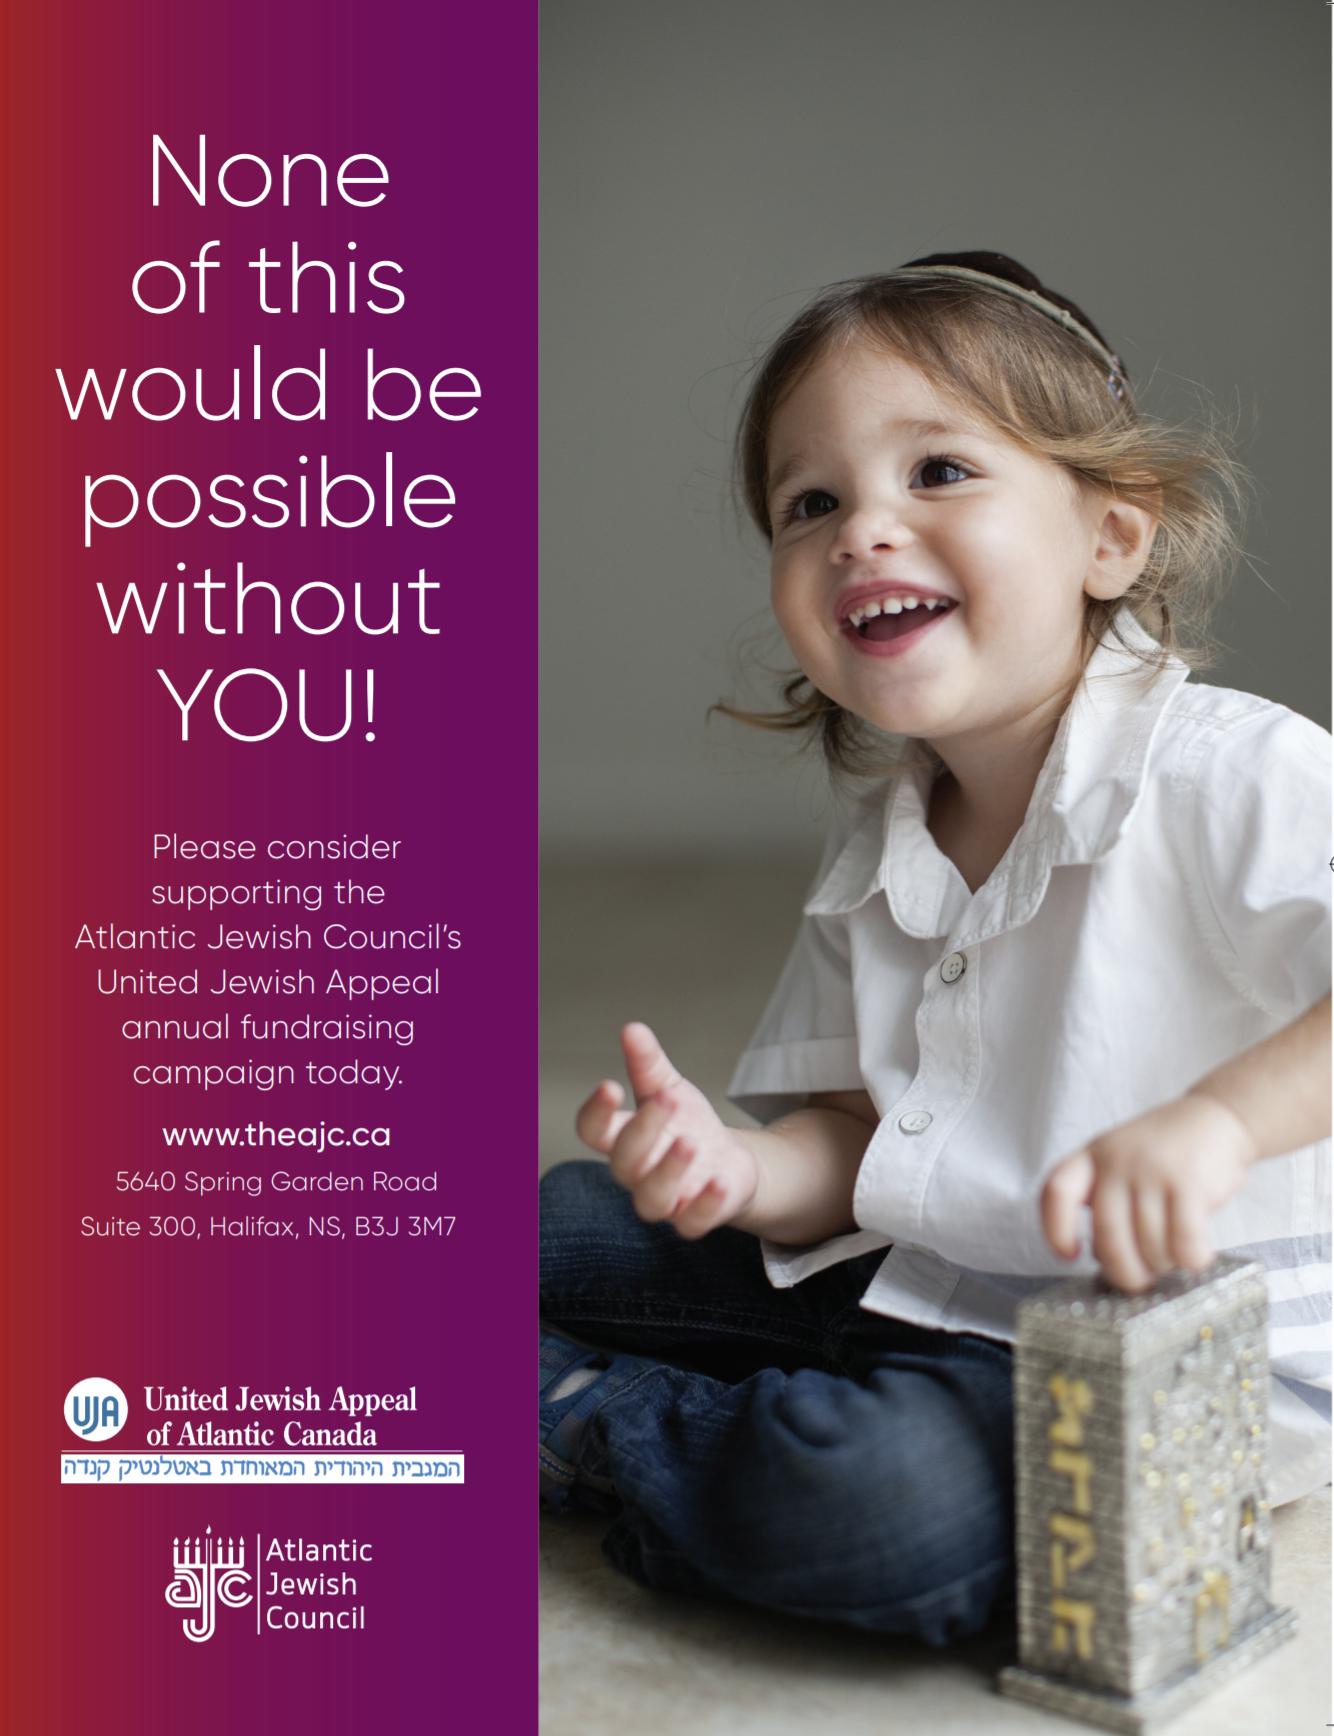 UJA Ad Campaign